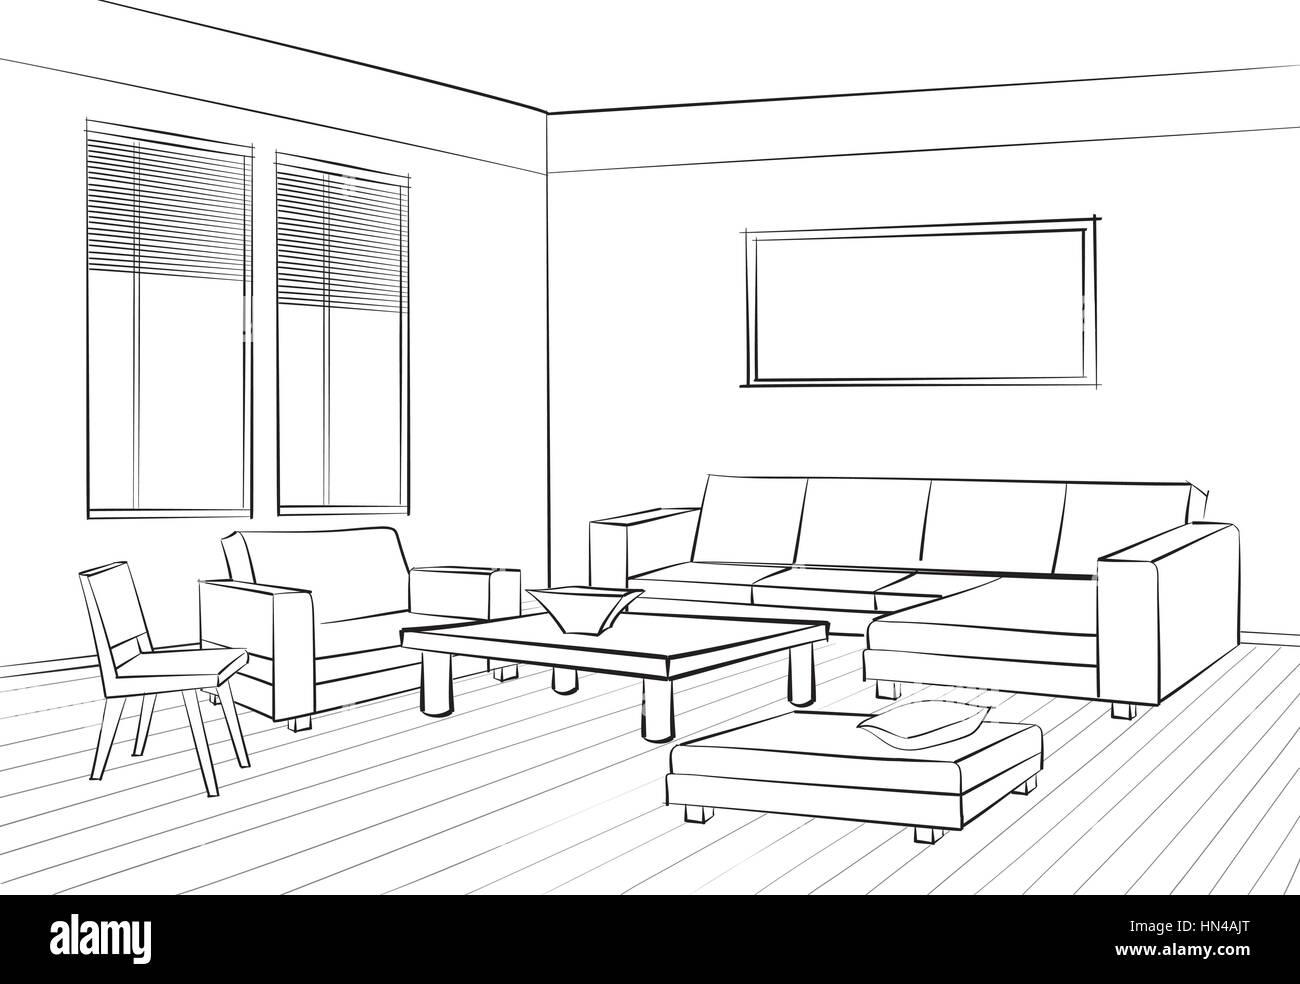 accueil mobilier d'intérieur avec canapé, fauteuil, table de salon